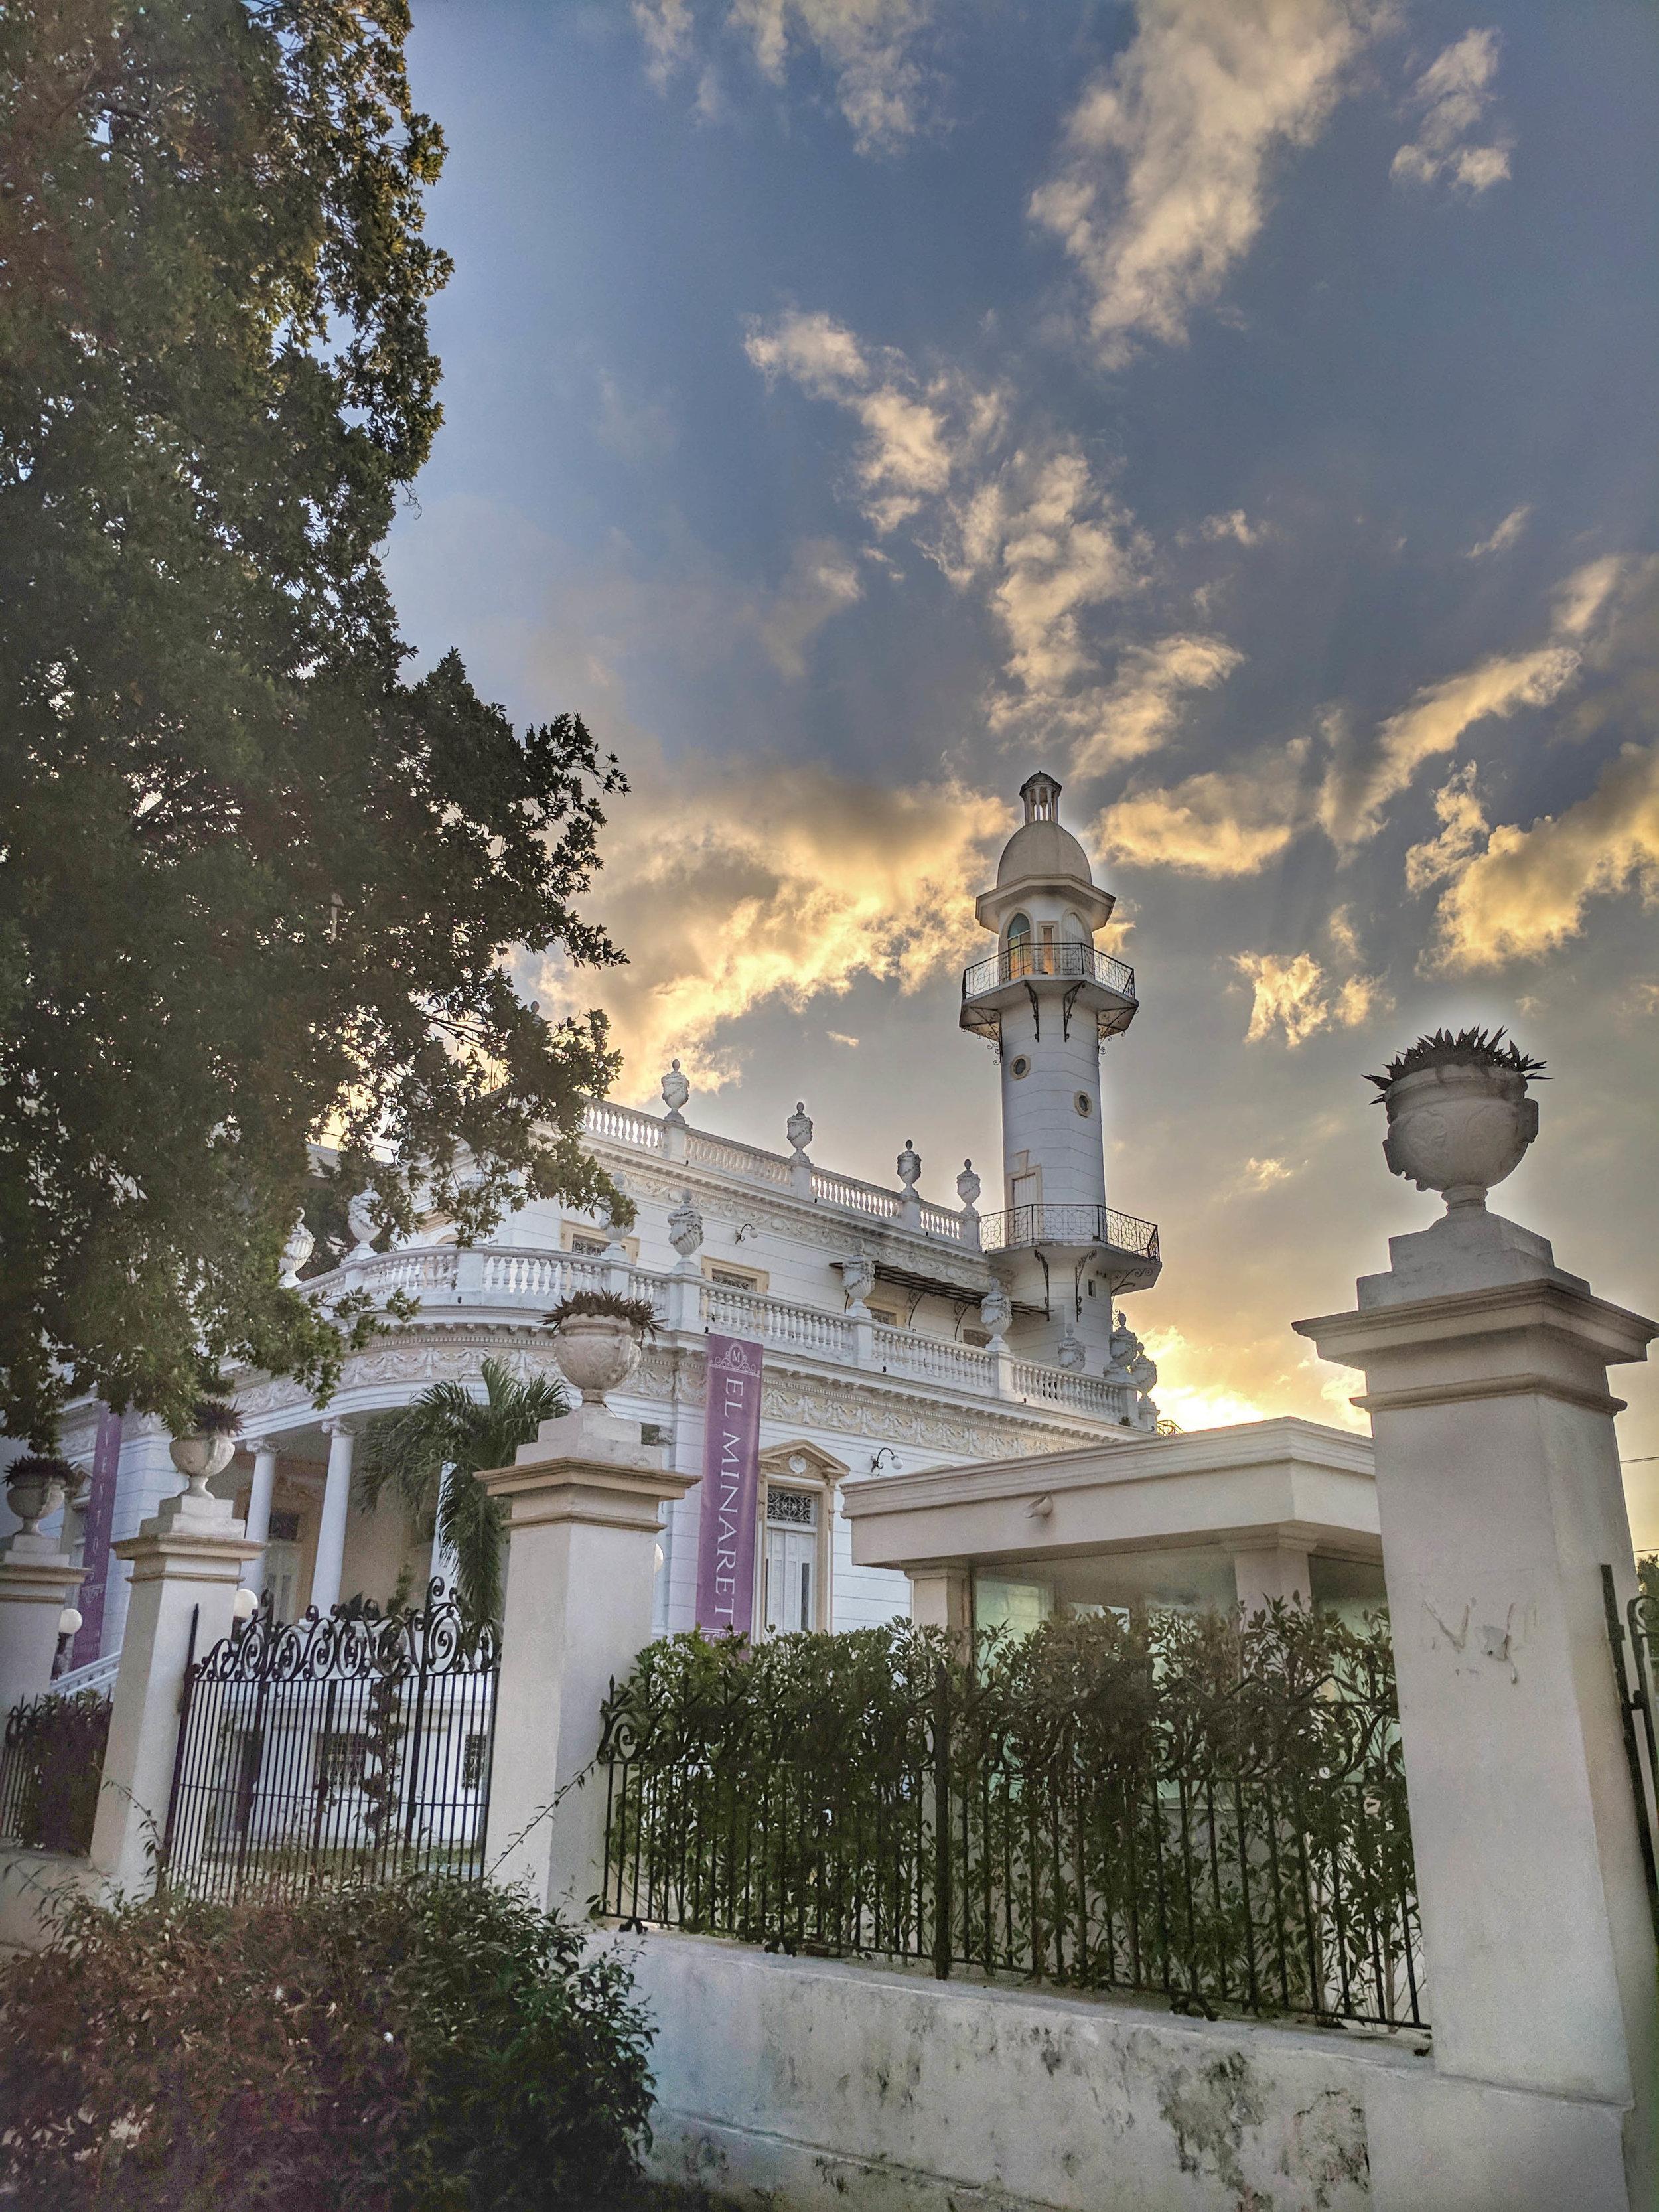 Paseo Montejo mansions 2.jpg